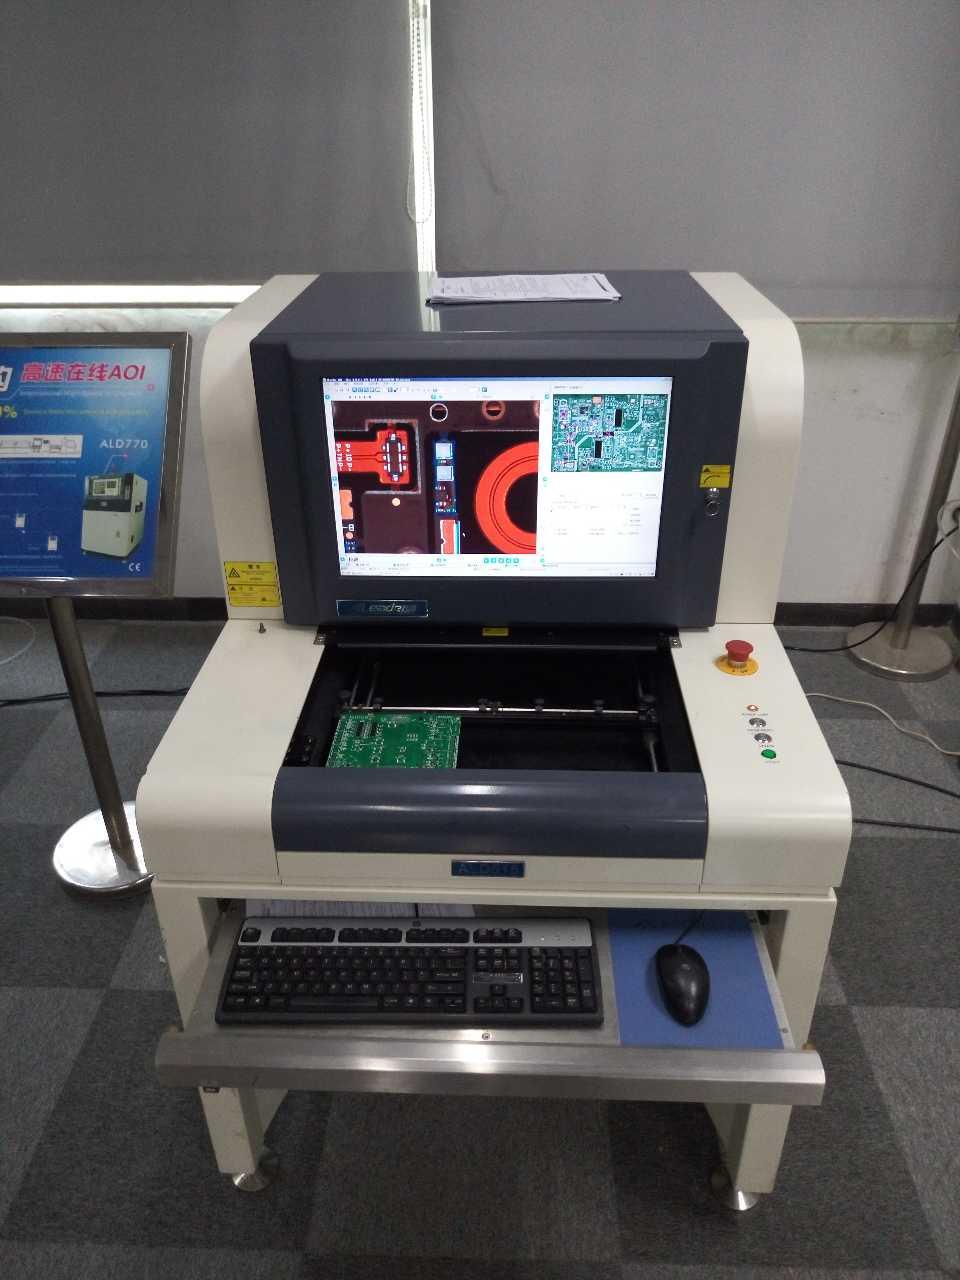 来自吴旭雷发布的供应信息:汇聚顶尖技术,致力机器视觉检测全自动化。... - 东莞市神州视觉科技有限公司